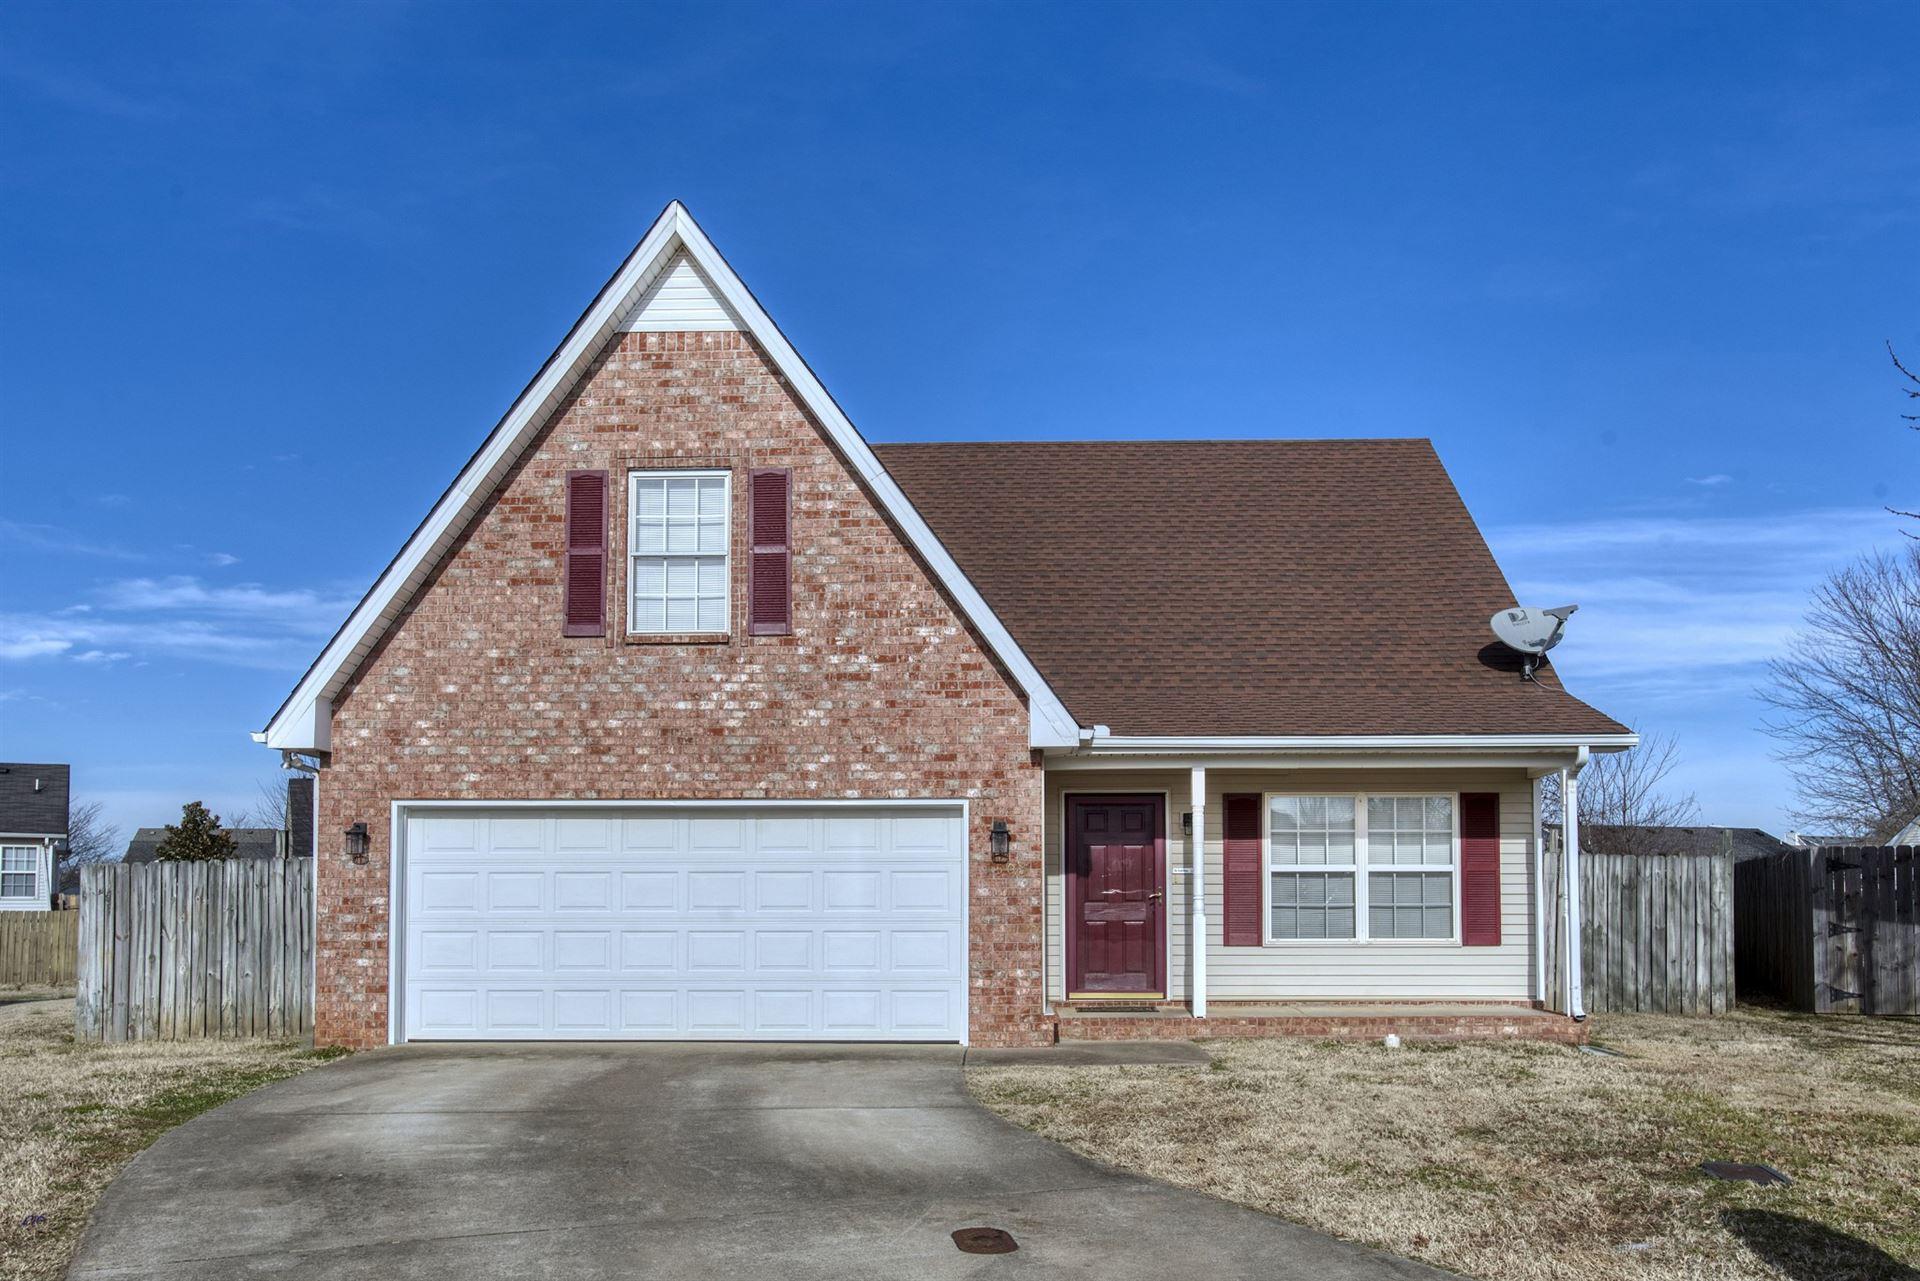 1503 Killarney Dr, Murfreesboro, TN 37128 - MLS#: 2222065